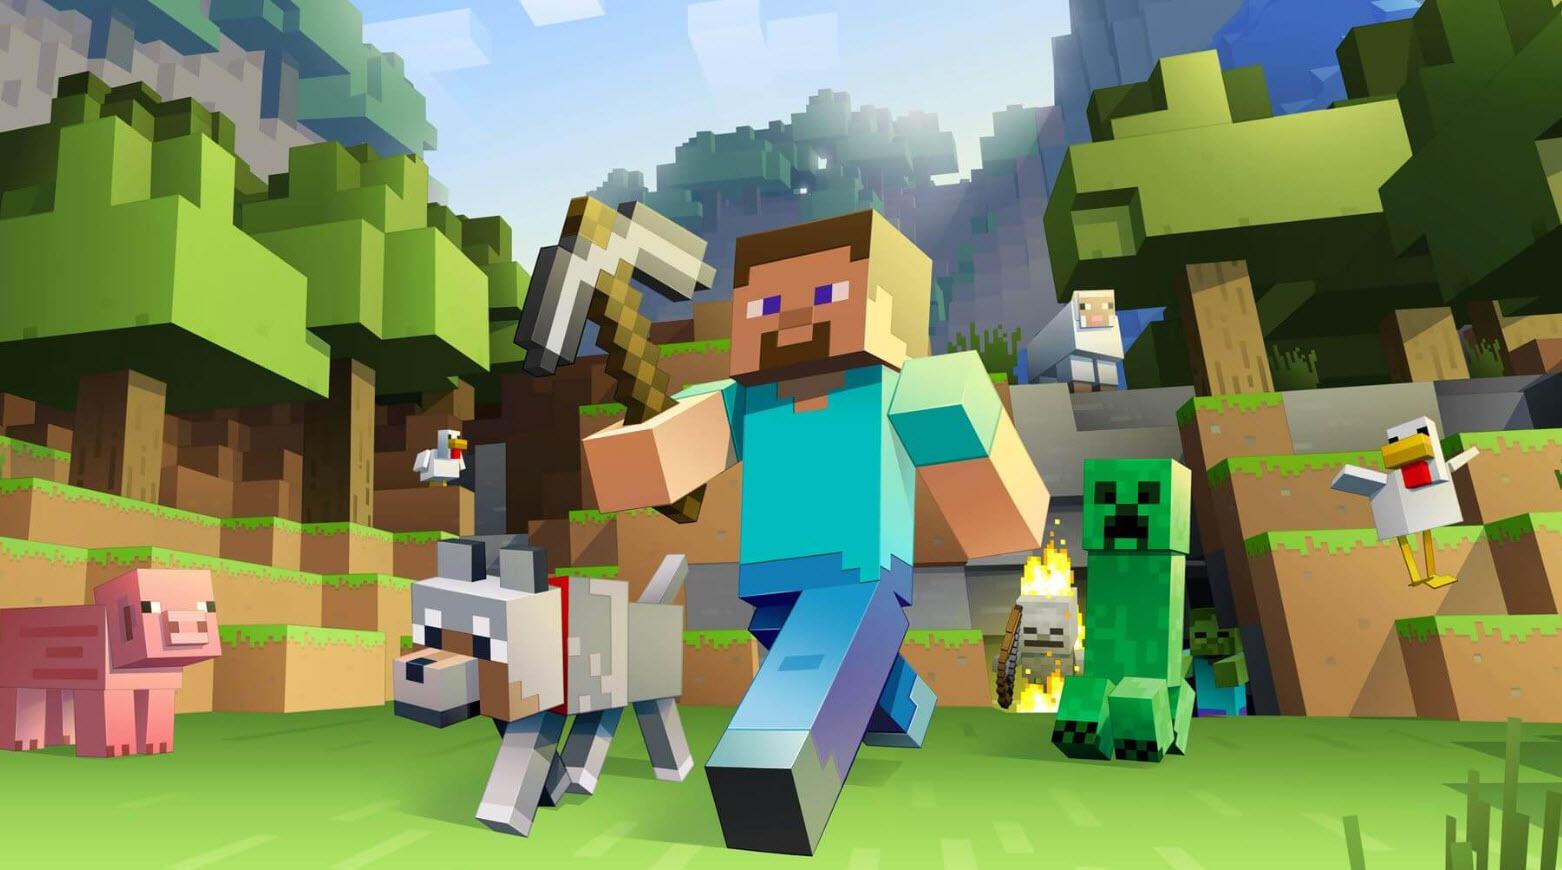 Minecraft'tan Salgın Temalı Oyun